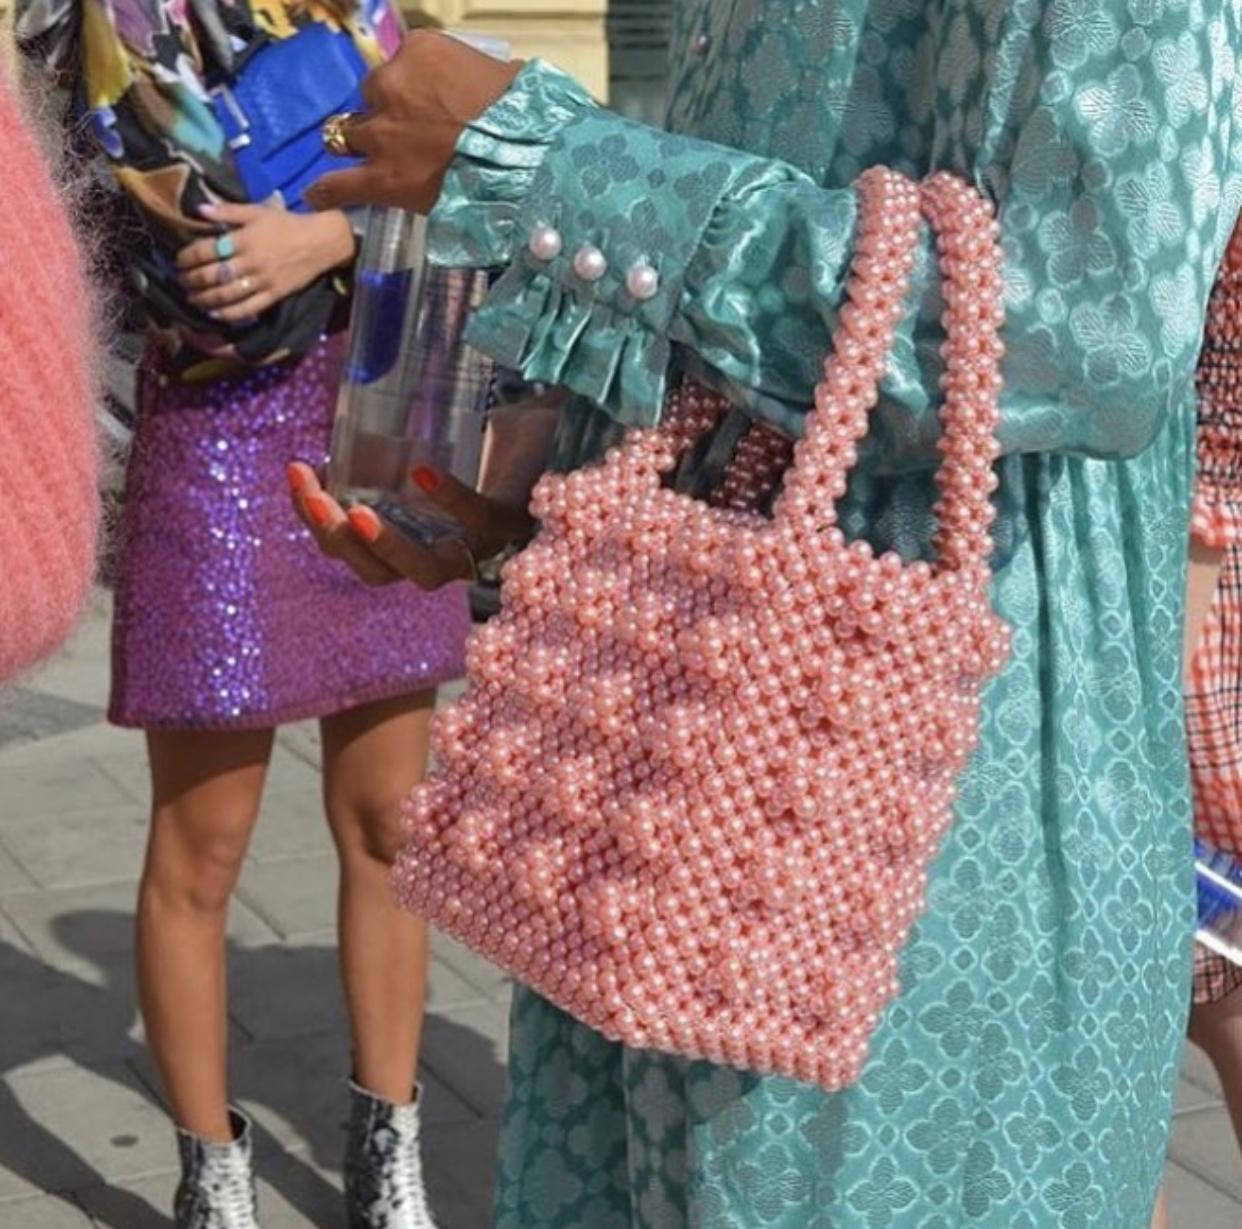 Dziewczyna trzymająca torebkę z różowych koralików